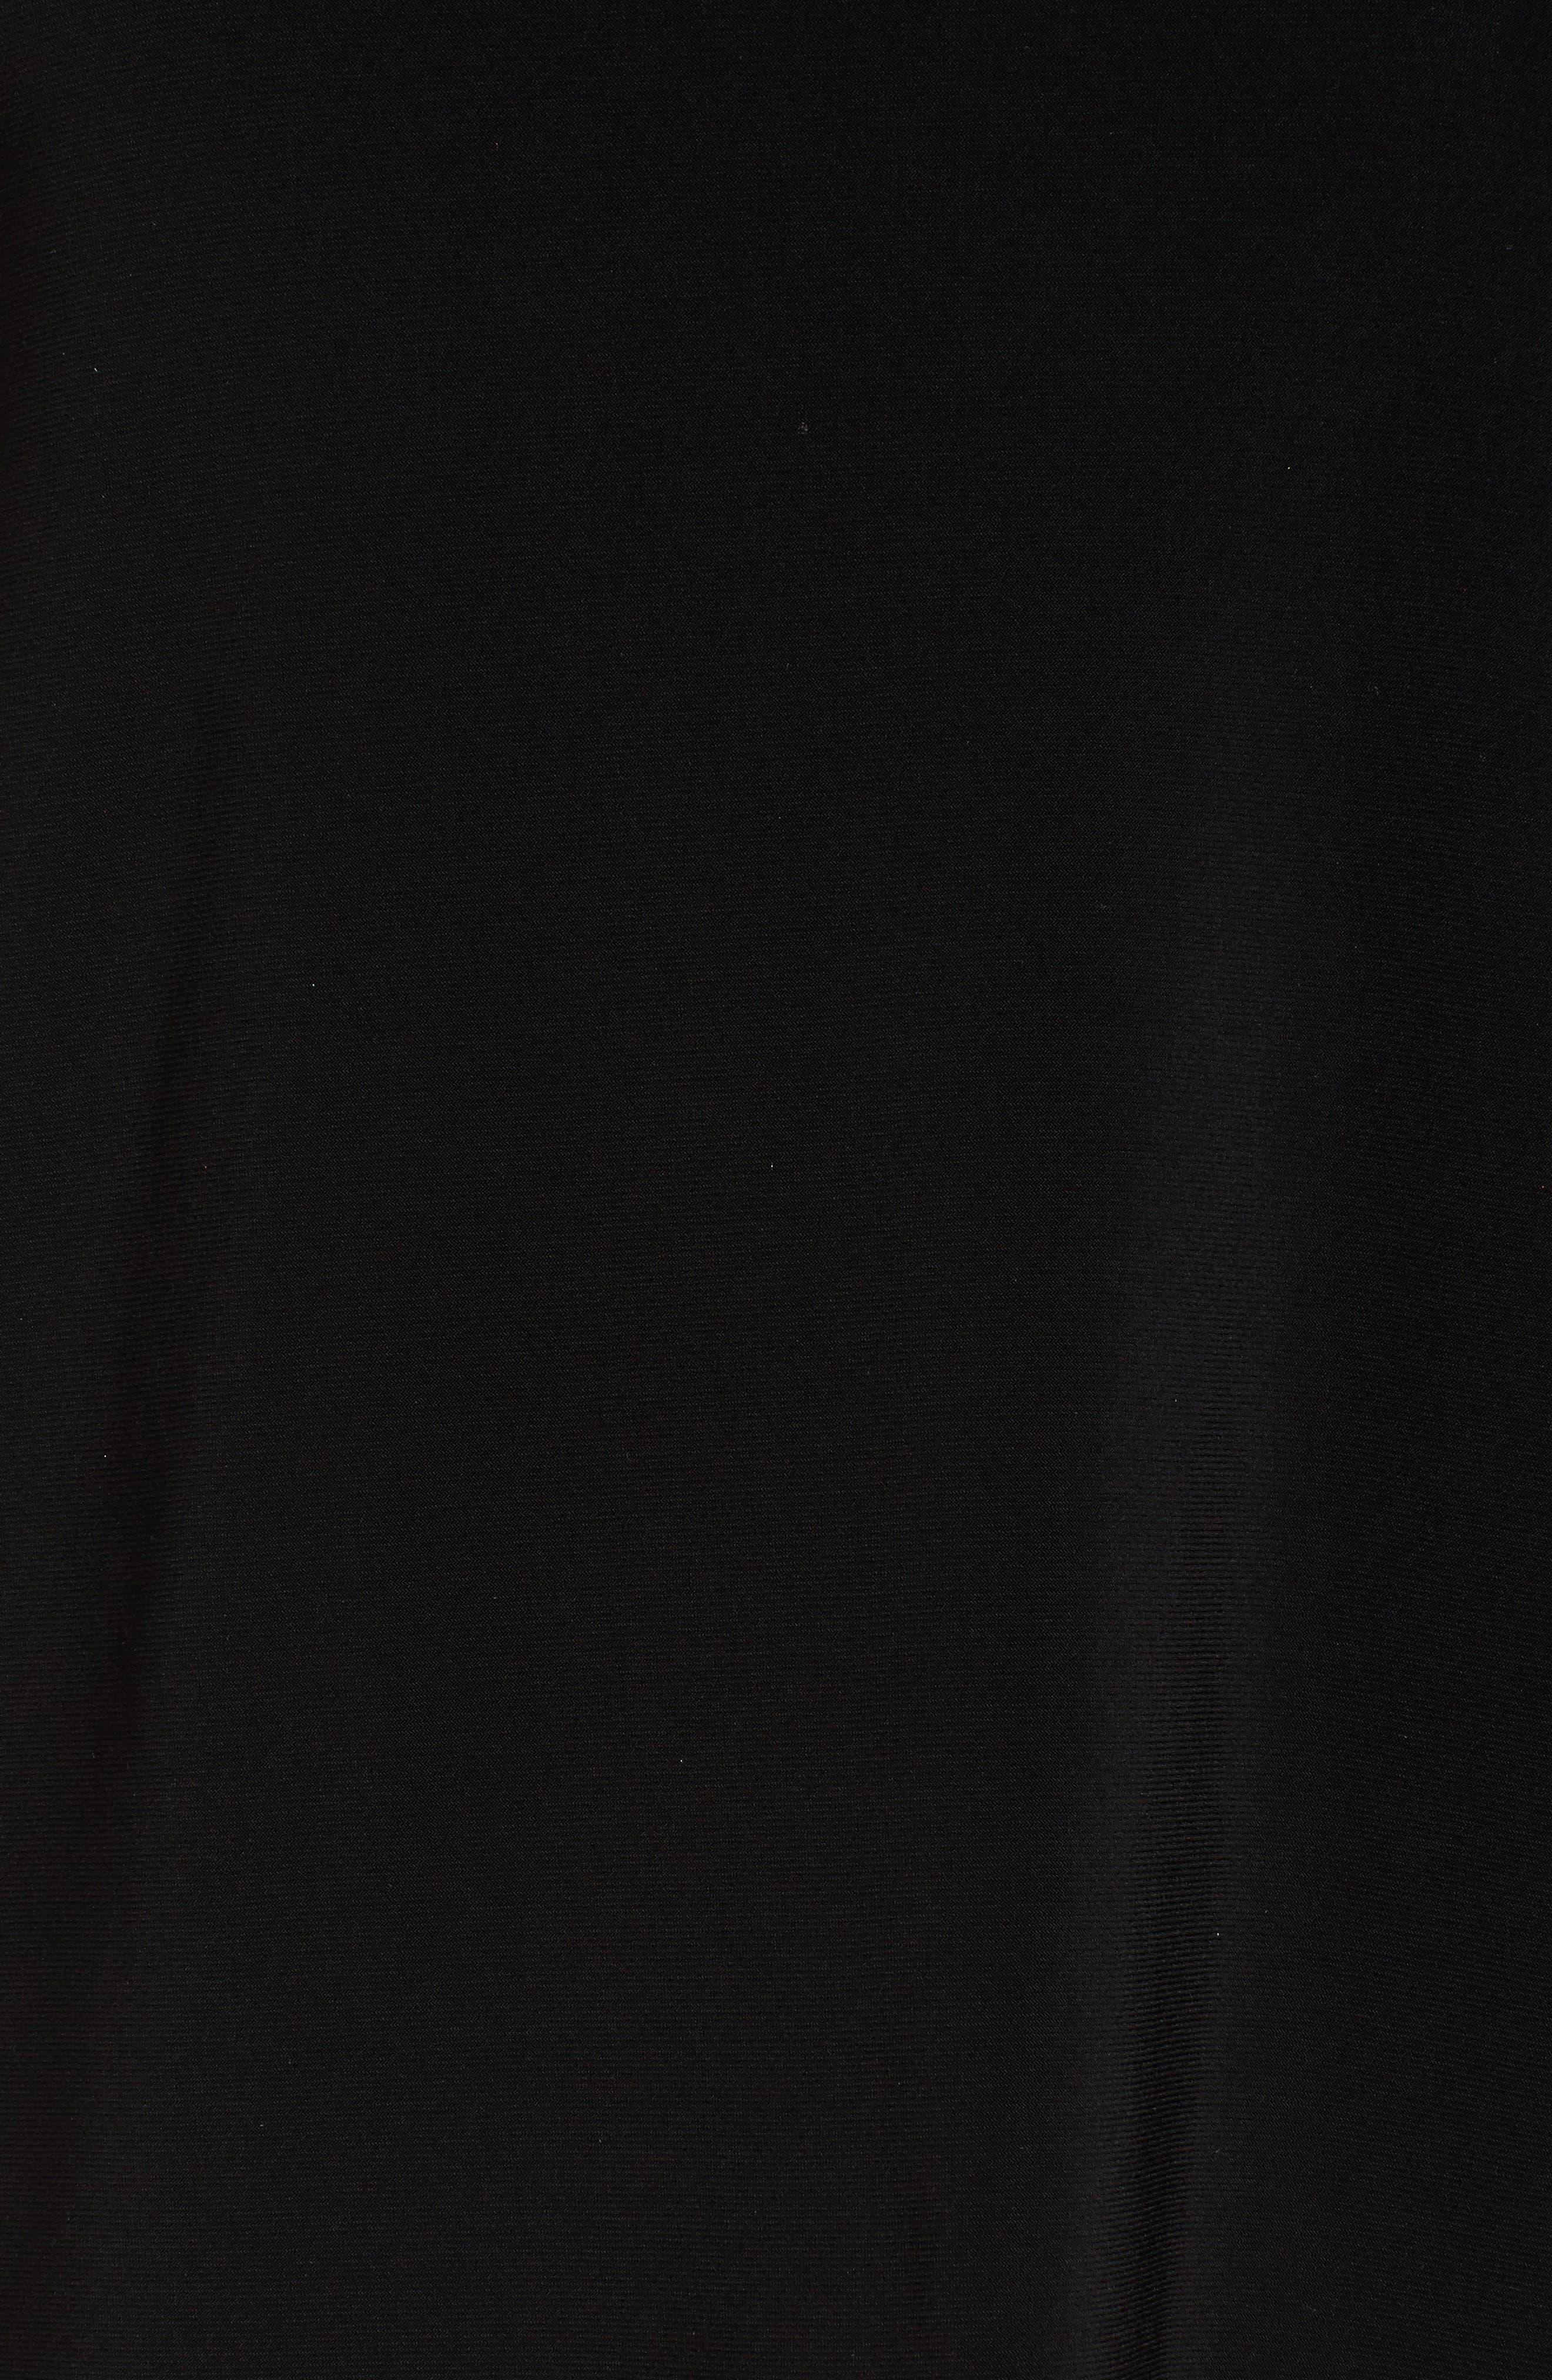 Lace Trim Knit Top,                             Alternate thumbnail 5, color,                             006